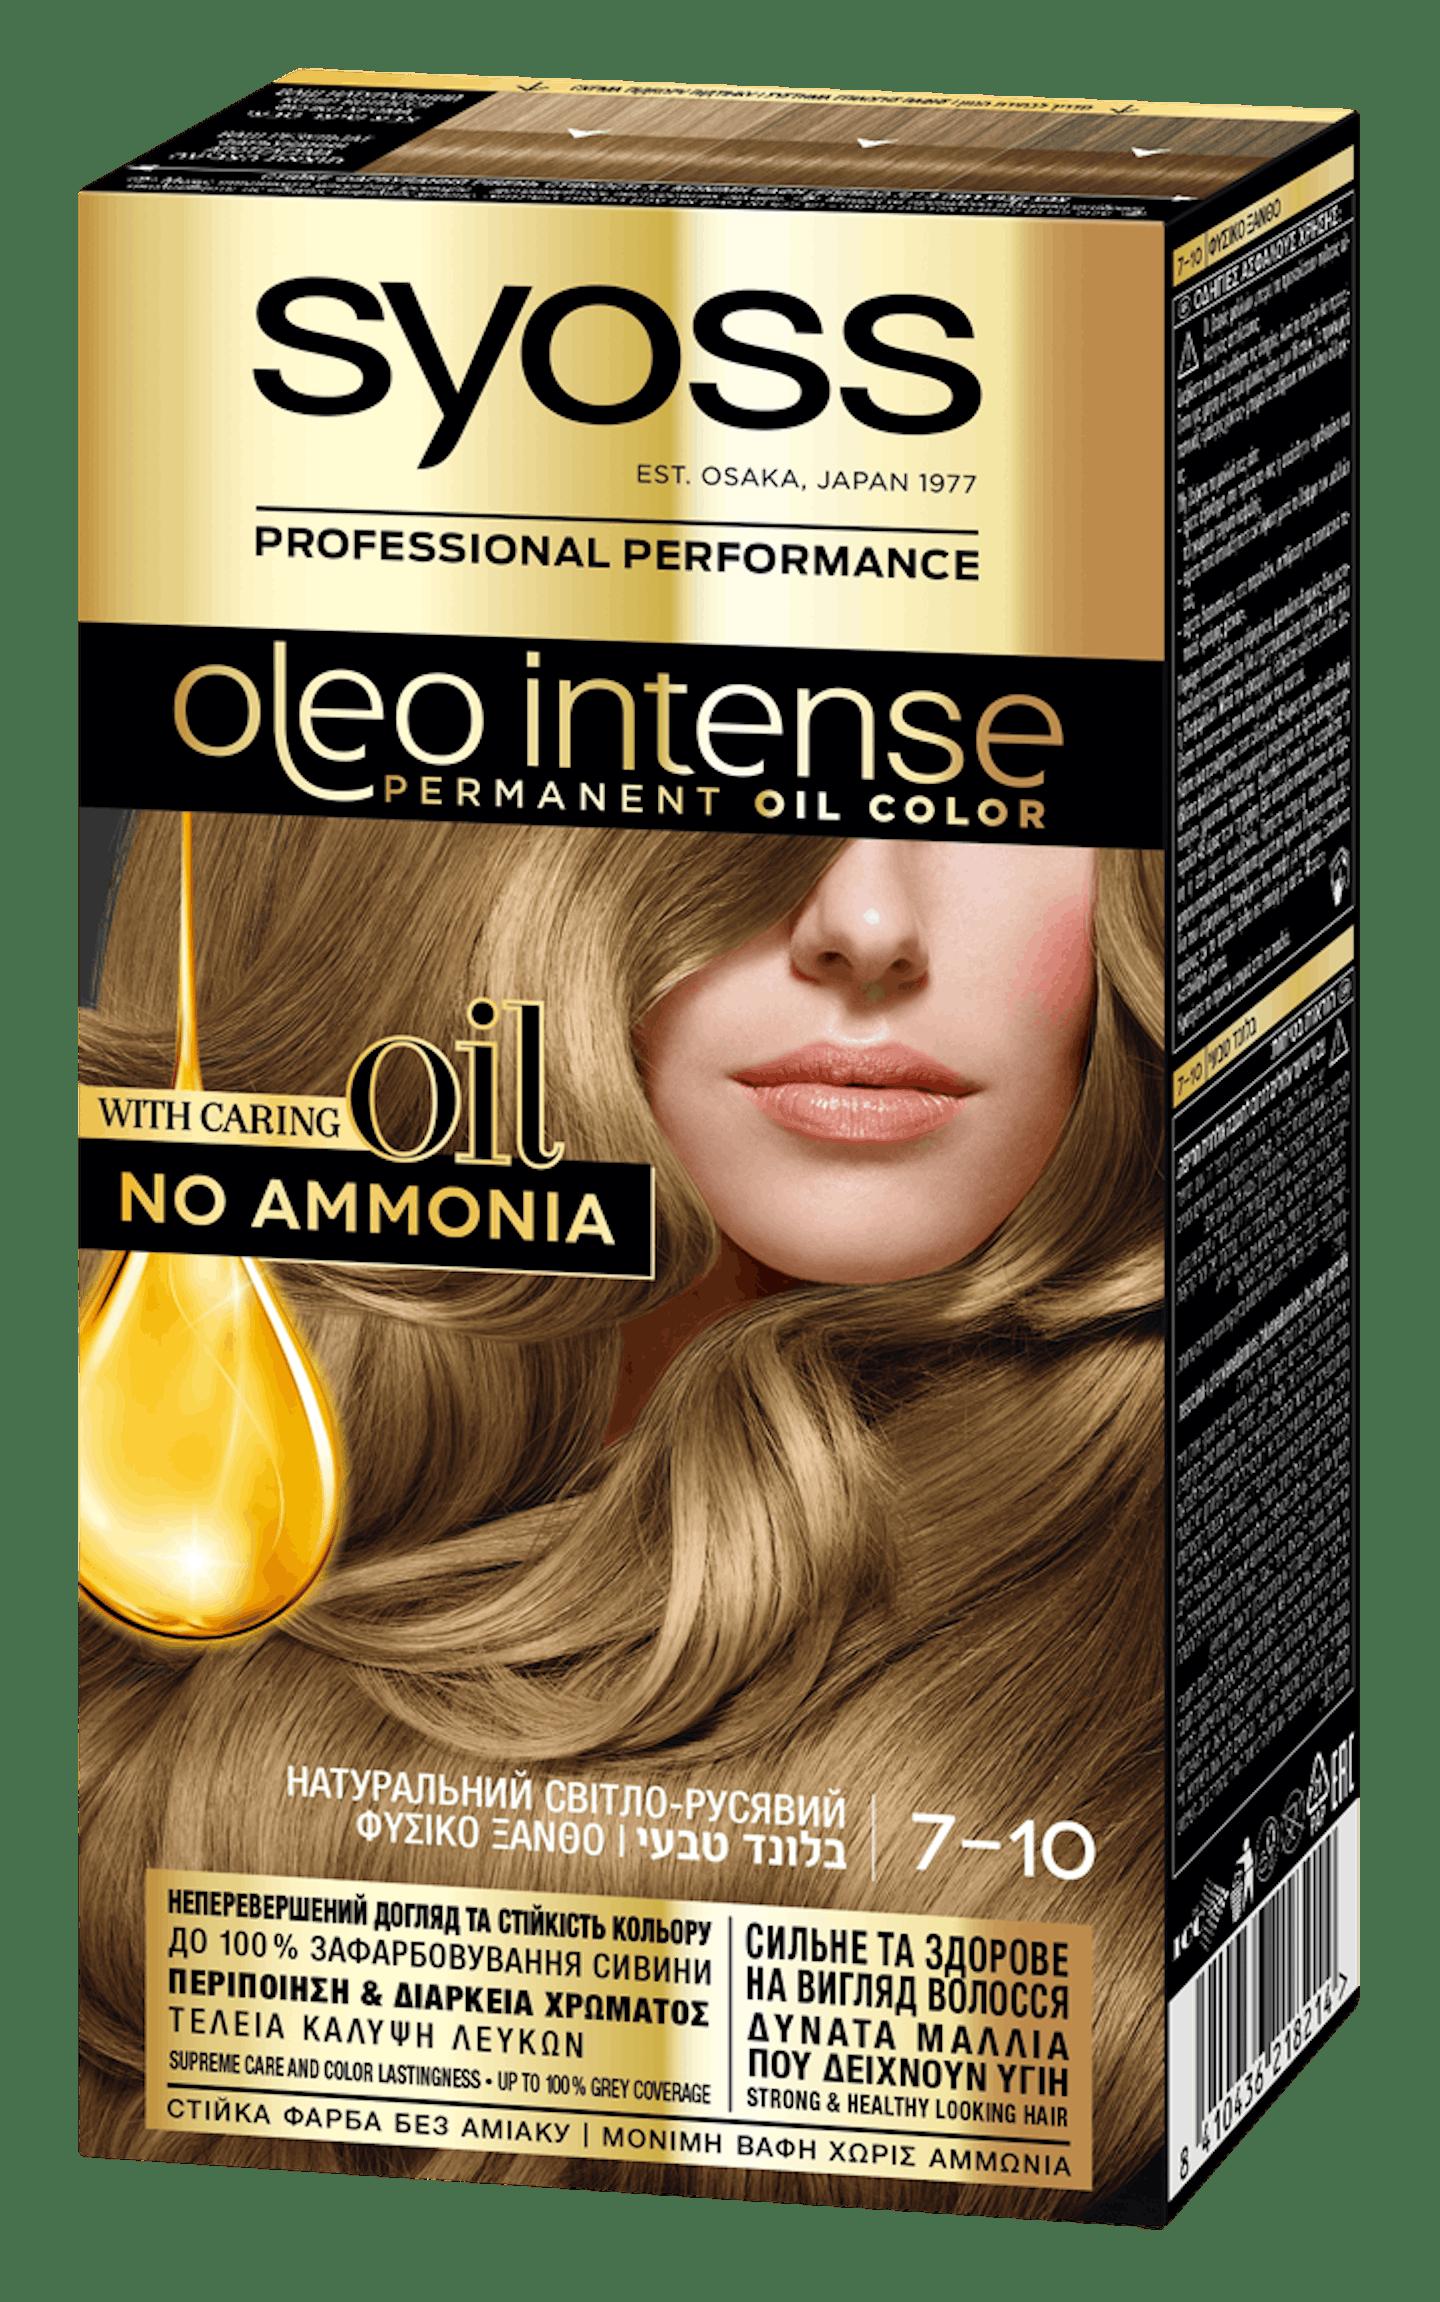 Syoss Oleo Intense Натуральний Світло-русявий 7-10